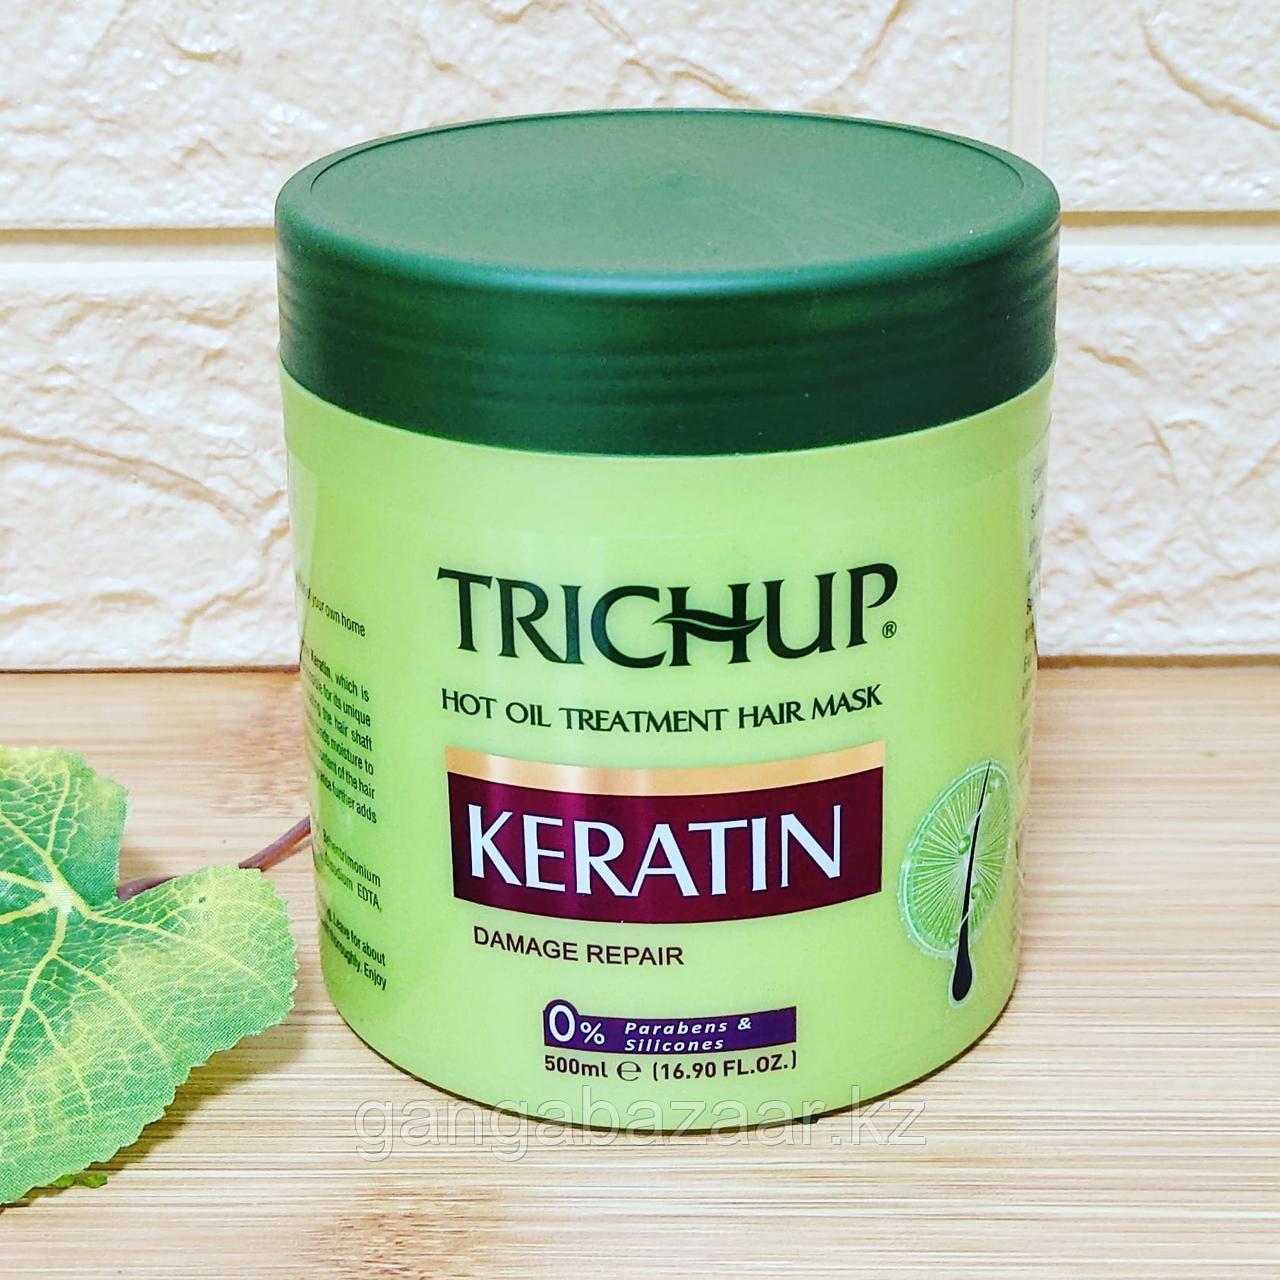 Маска для восстановления поврежденных, истощенных волос с кератином Тричап (Trichup, Keratin hair mask), 500мл